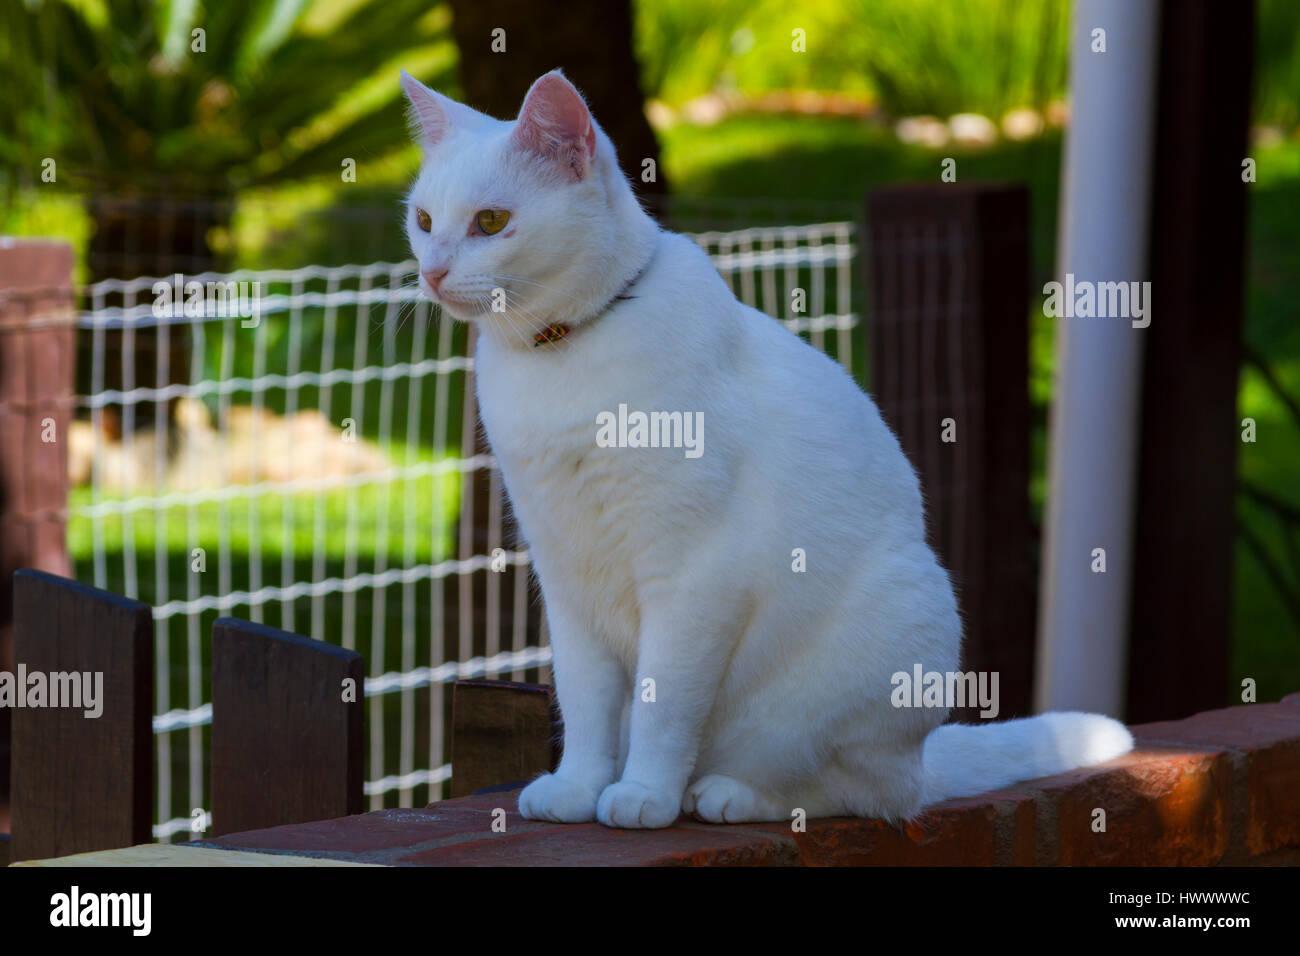 Curioso gato blanco sentado en la pared. Imagen De Stock